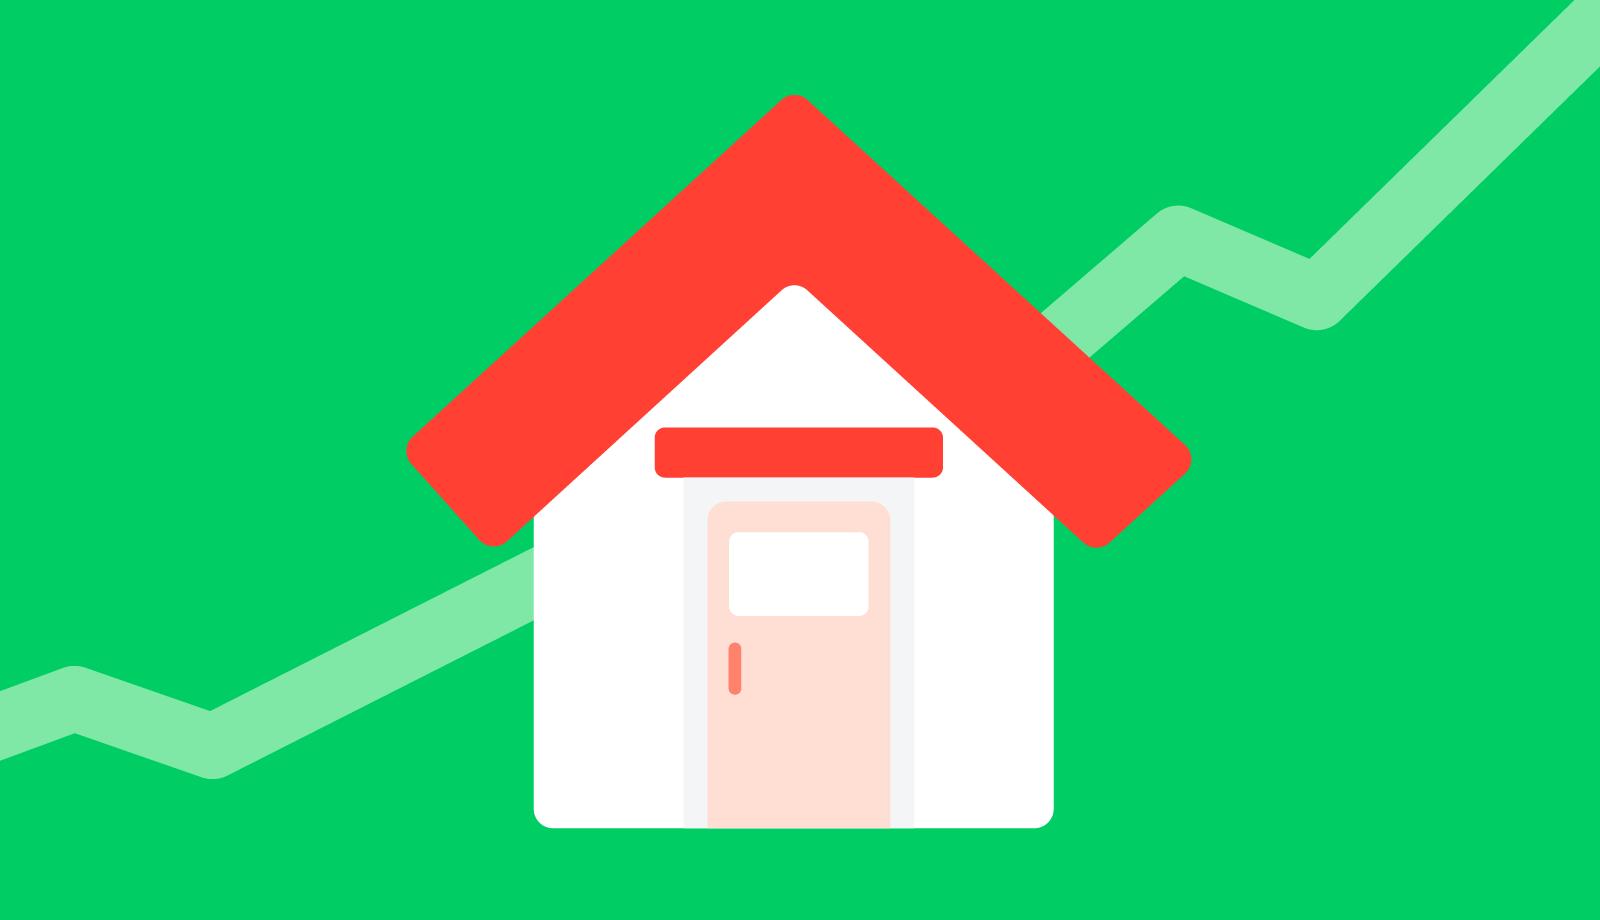 マネープラン作成で家計改善に成功した家庭の事例